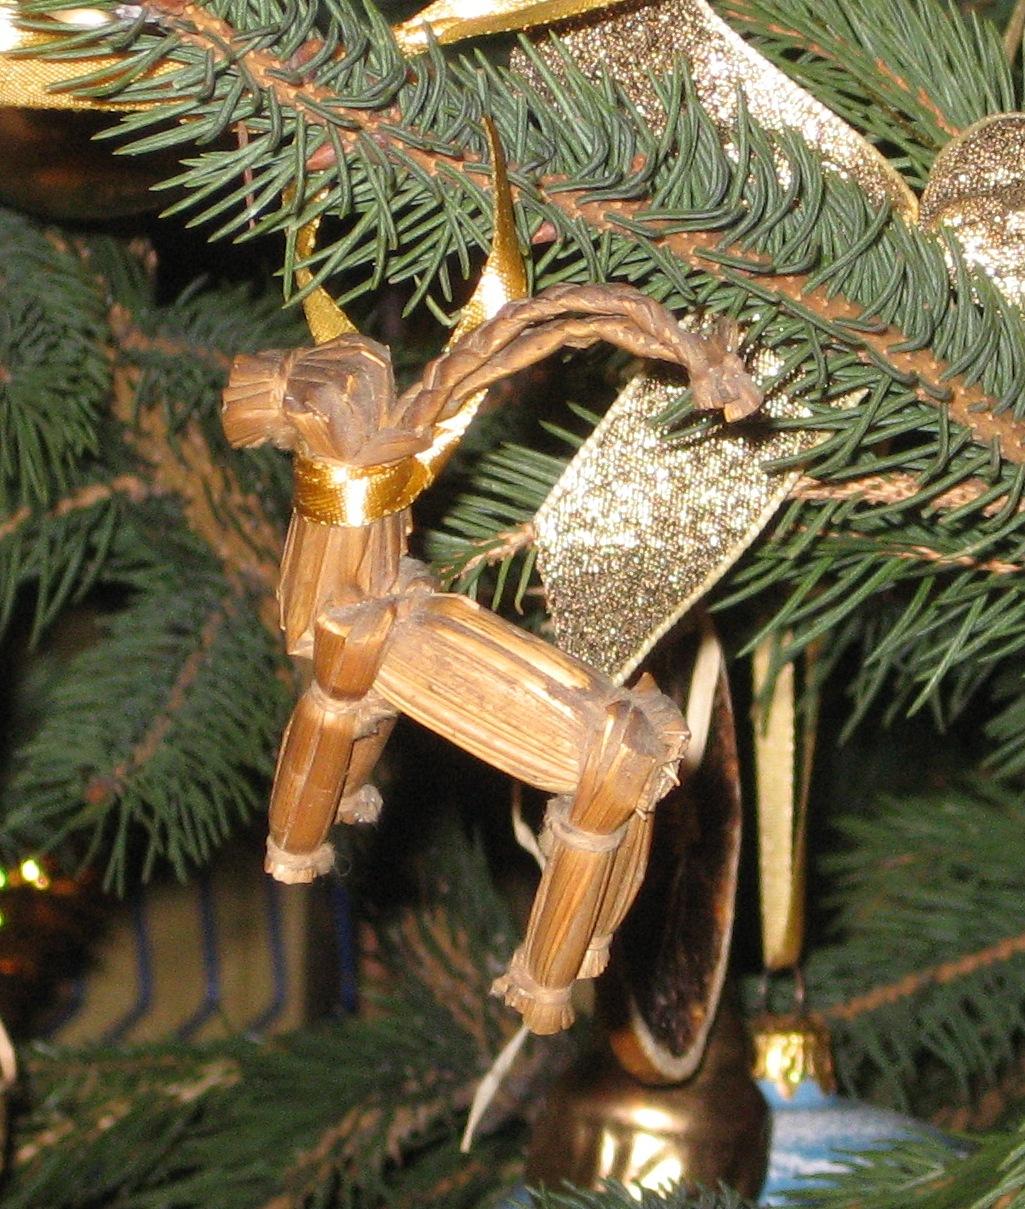 Goat Christmas Ornament.Yule Goat Wikipedia